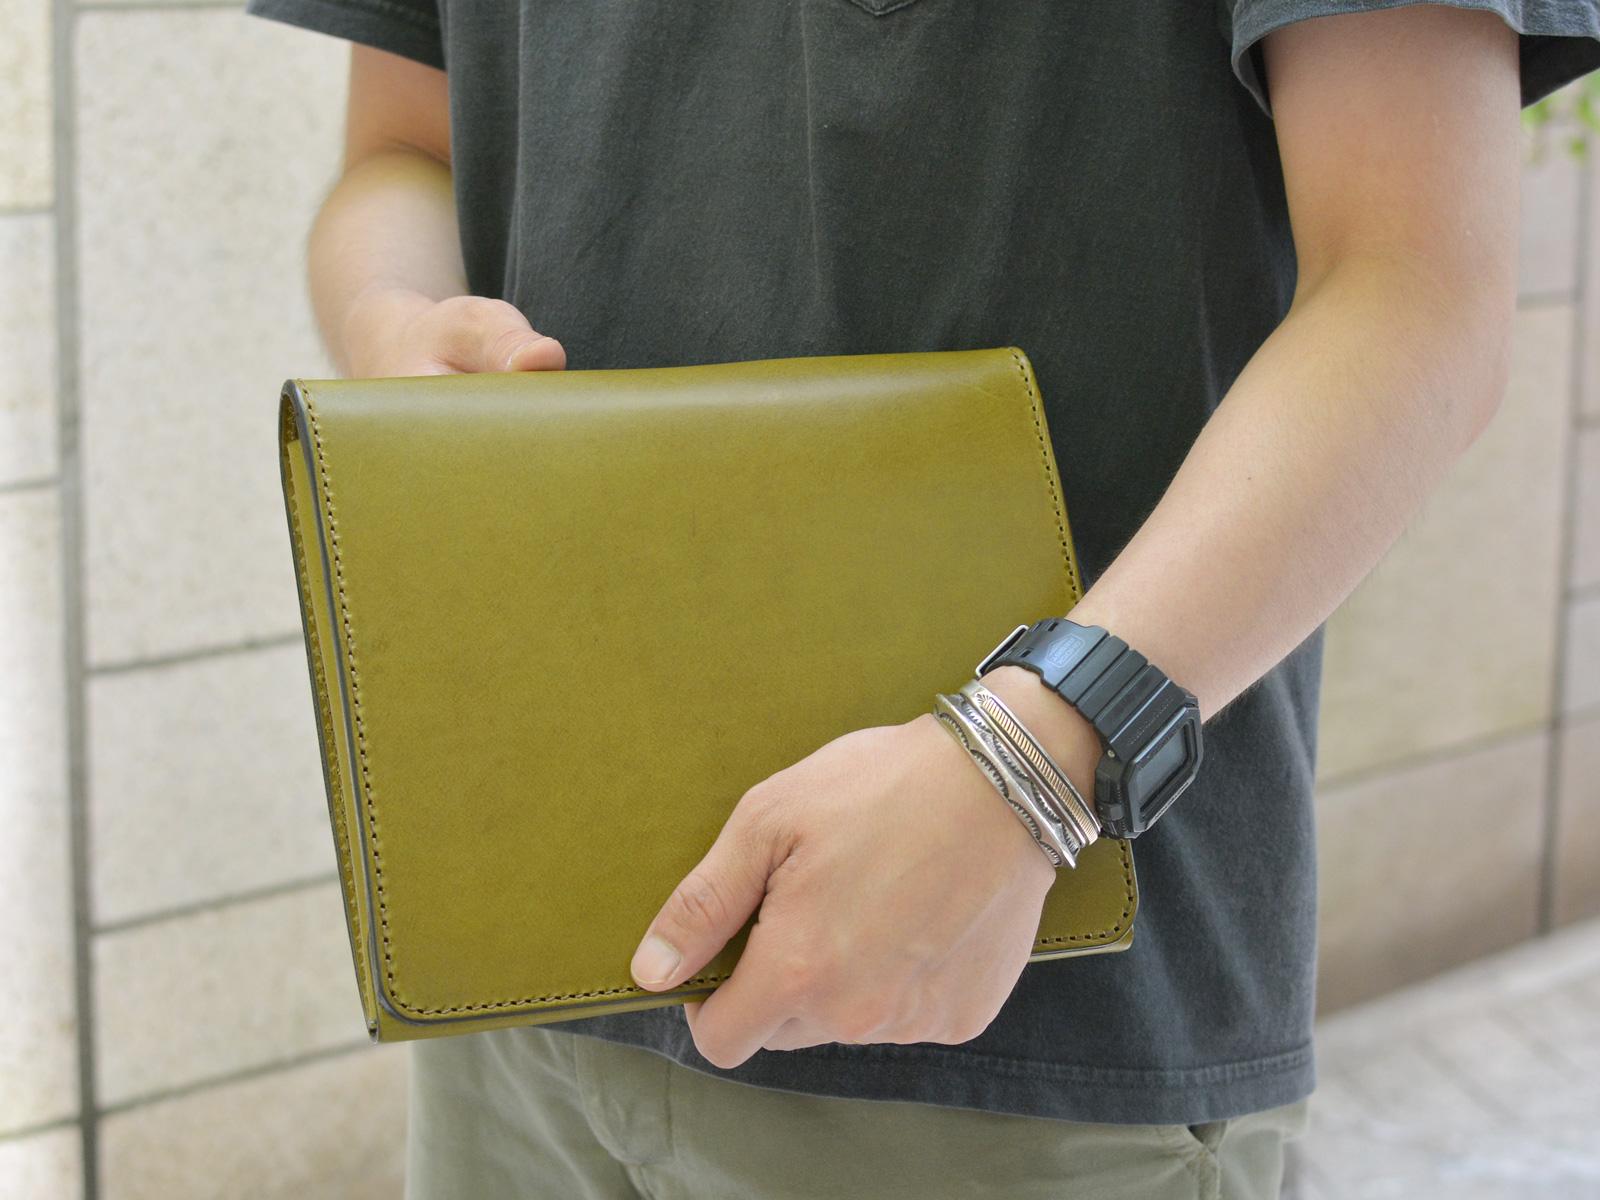 夏に持ちたいバッグはコレ!本店スタッフ高橋が選ぶ夏カバン!